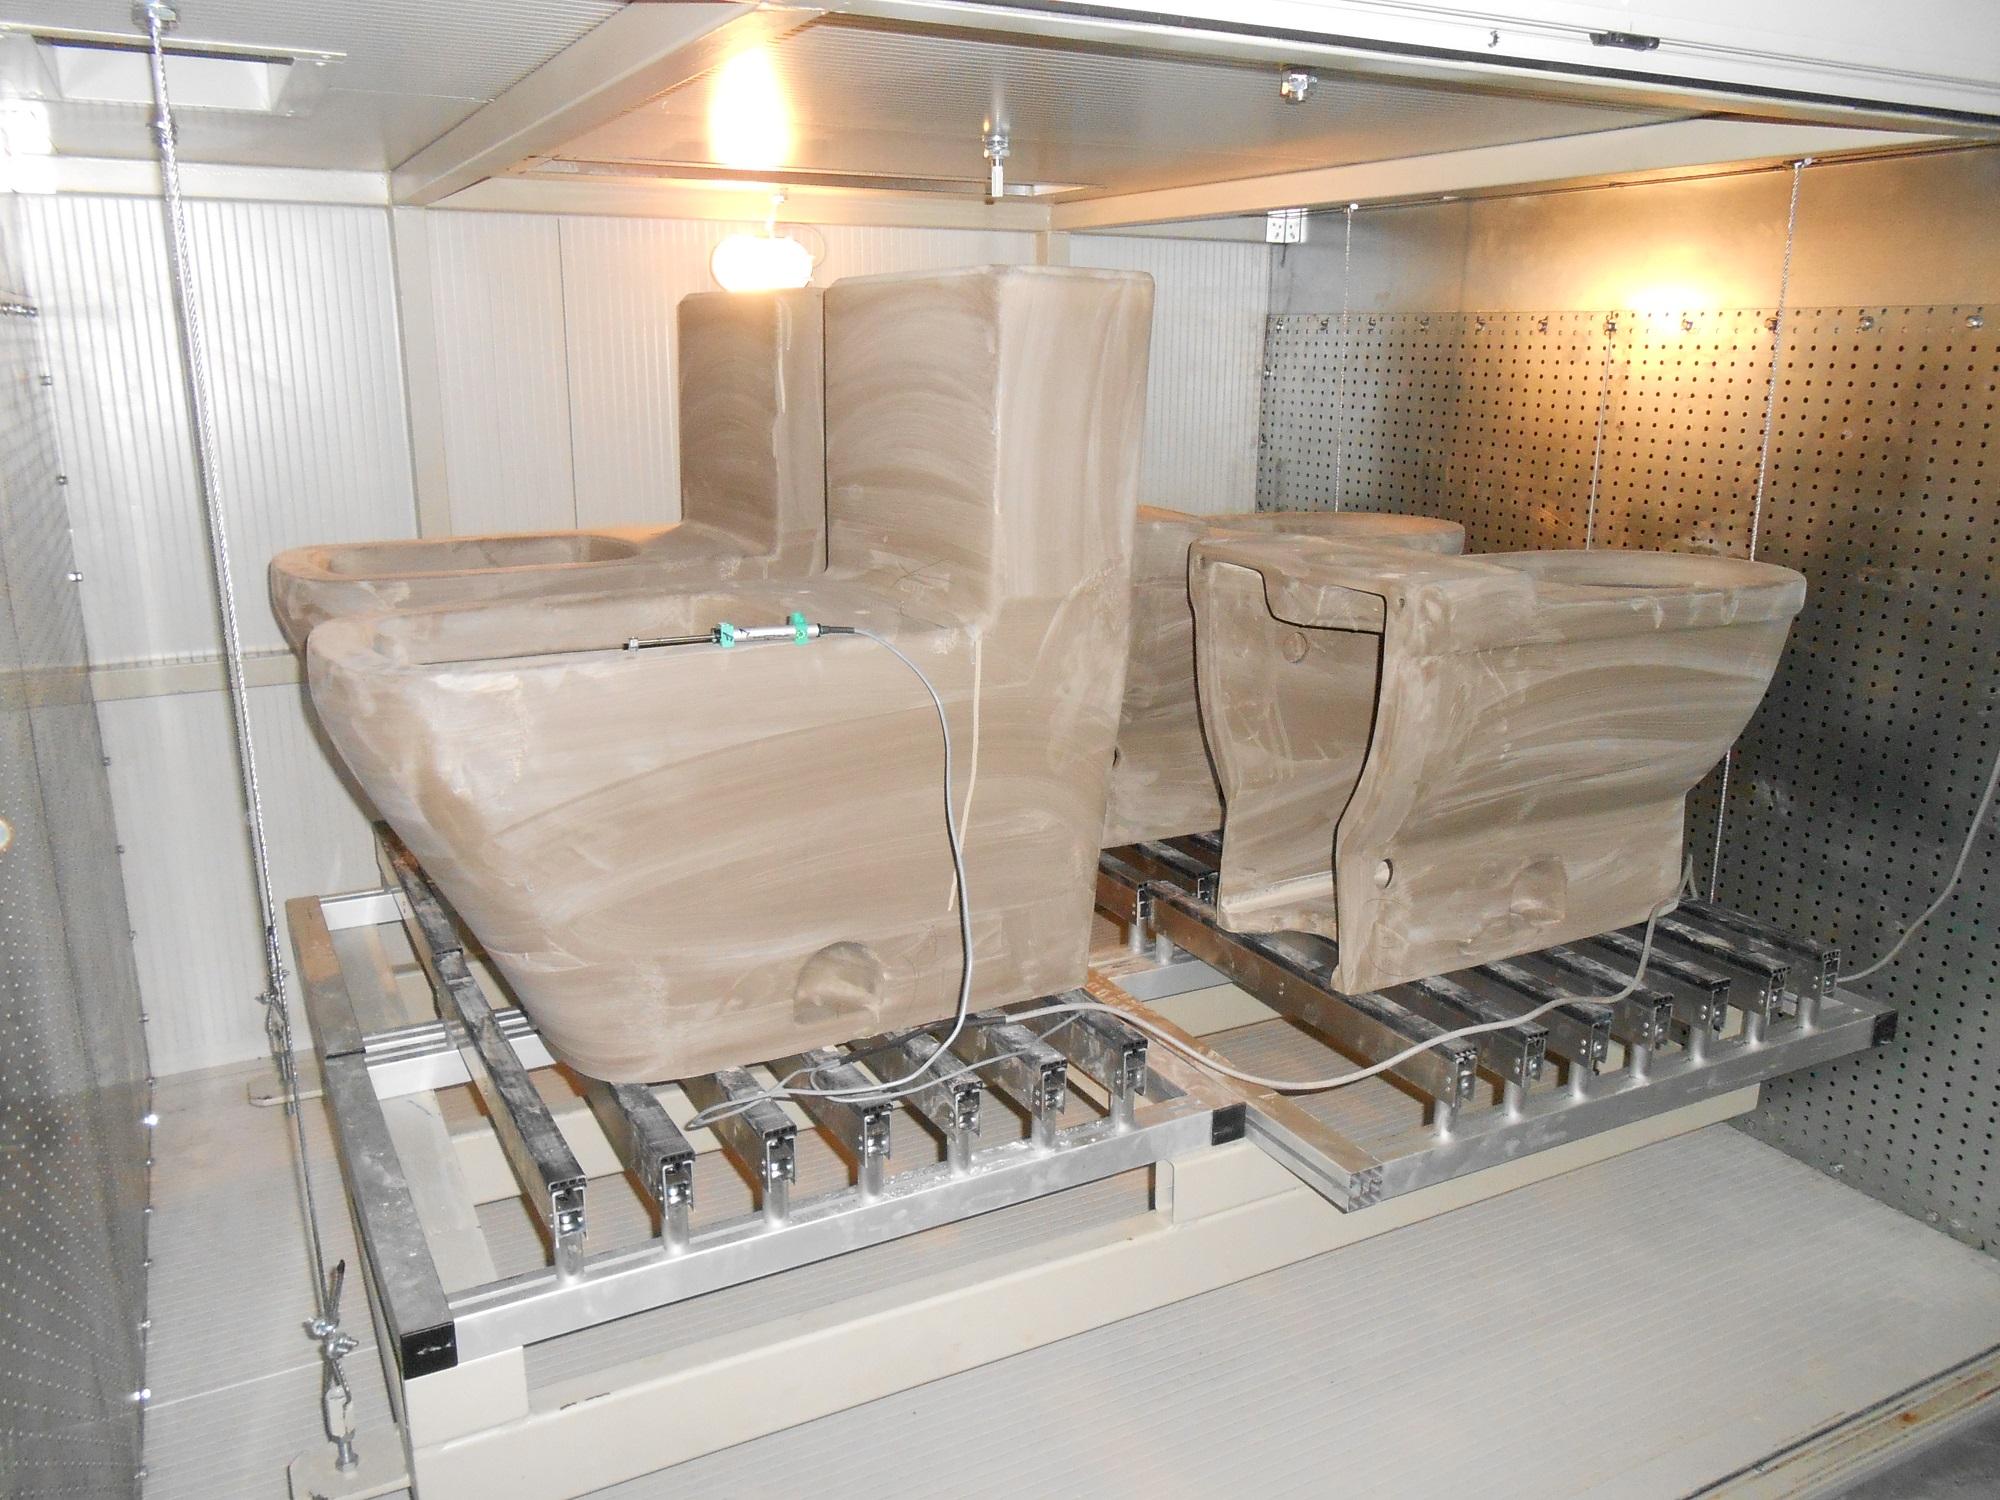 Dryer Test for Ceramic